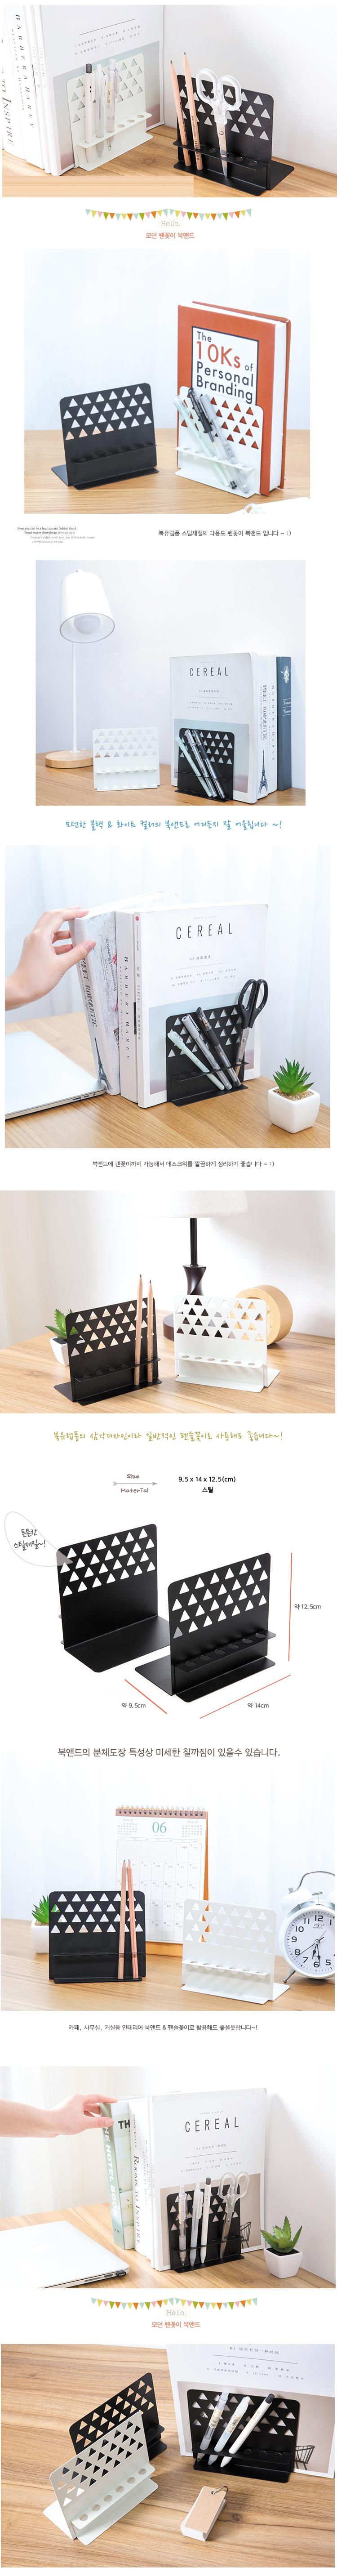 모던펜꽂이북앤드 - 미스터고물상, 3,600원, 독서용품, 북앤드